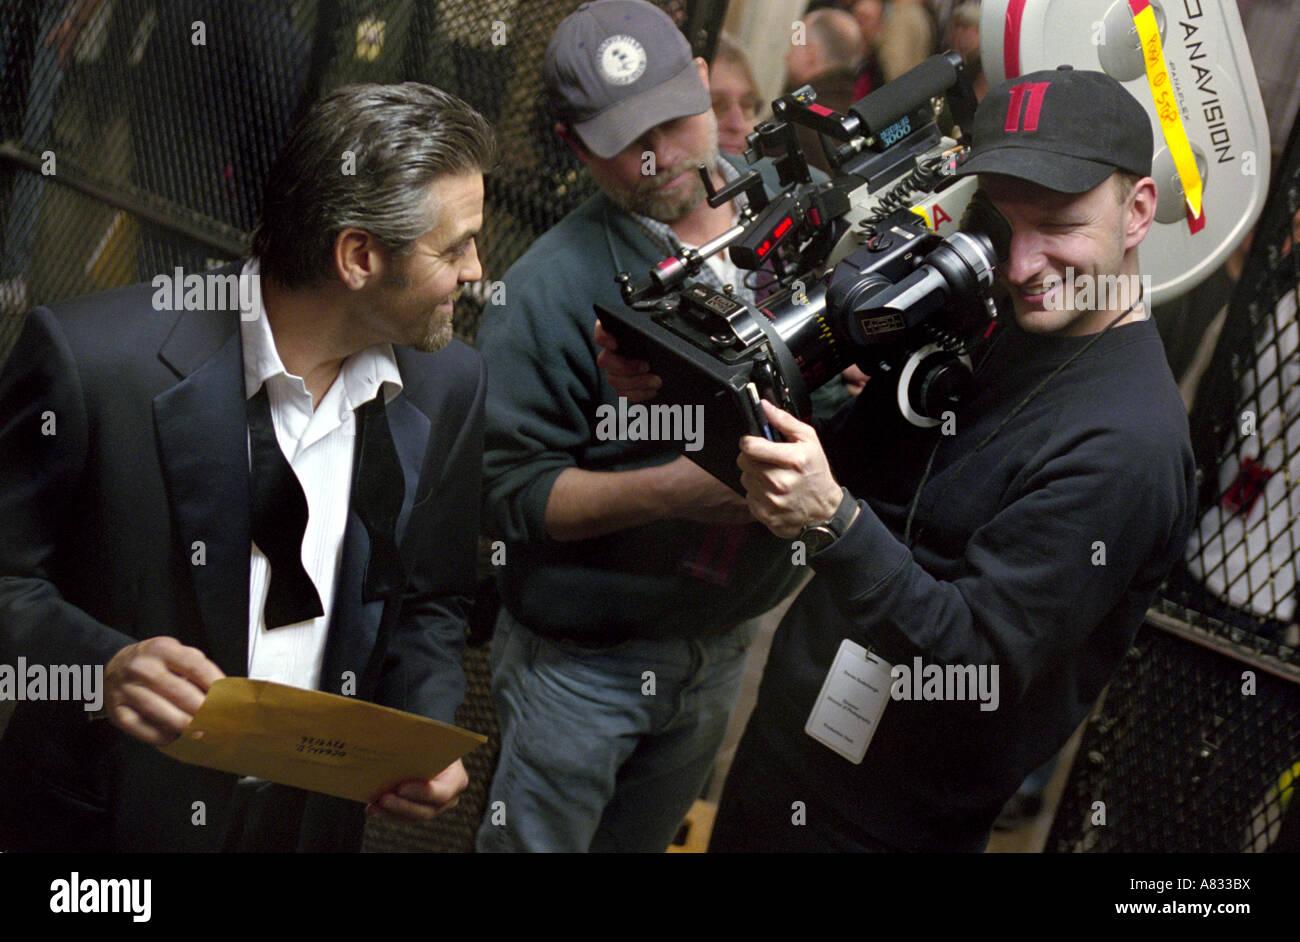 OCEANS 11 - George Clooney (at left) and Steven Soderbergh on set of  2001 Warner film - Stock Image